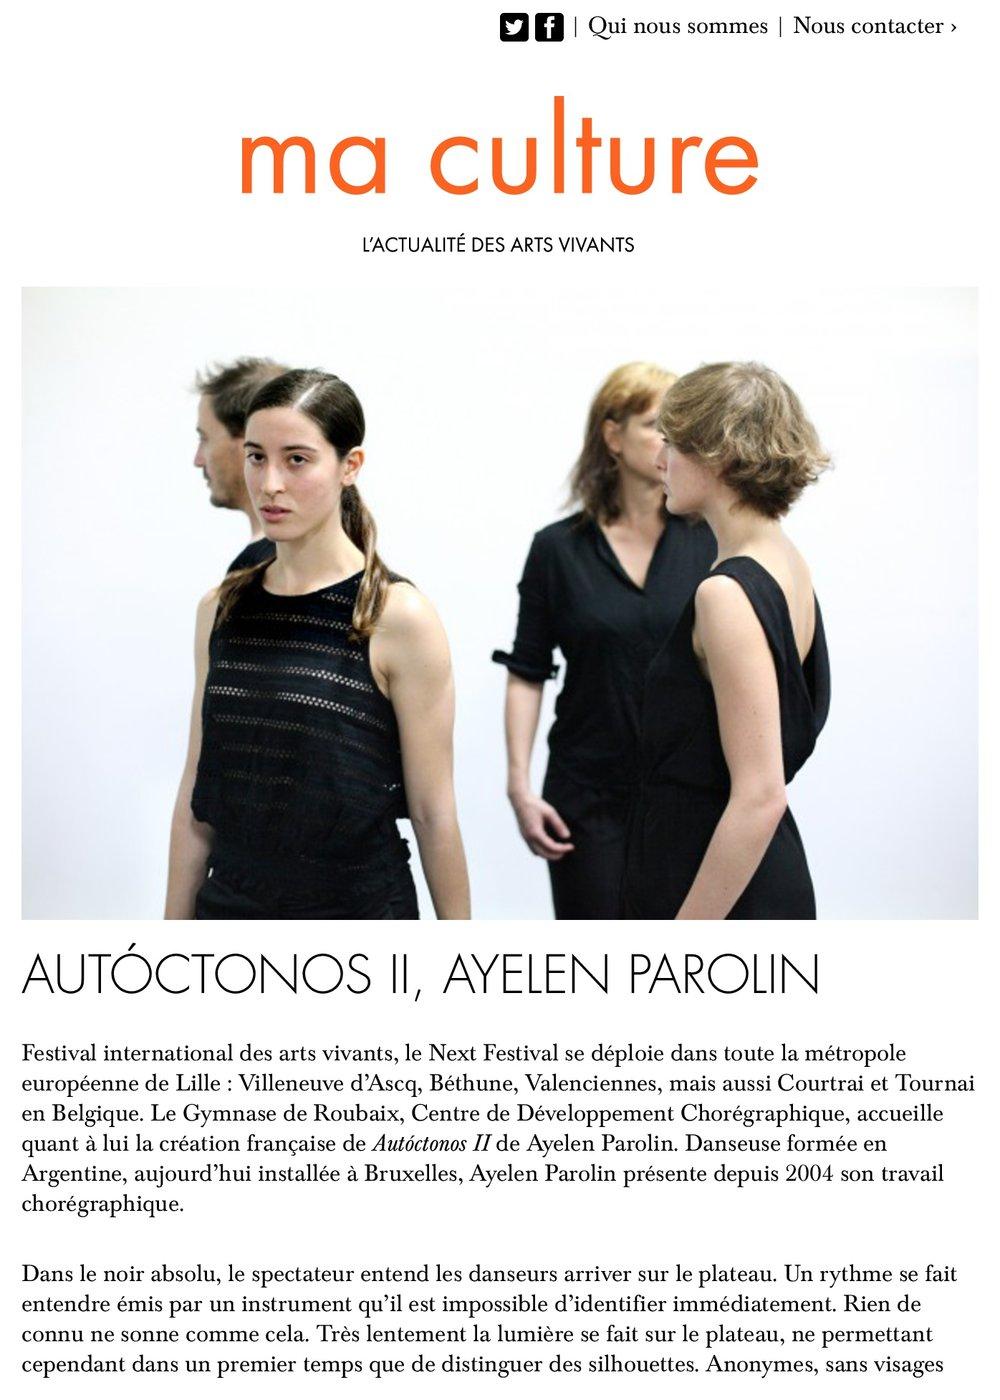 Autoctonos-II,-Ayelen-Parolin---MA-CULTURE-001.jpg